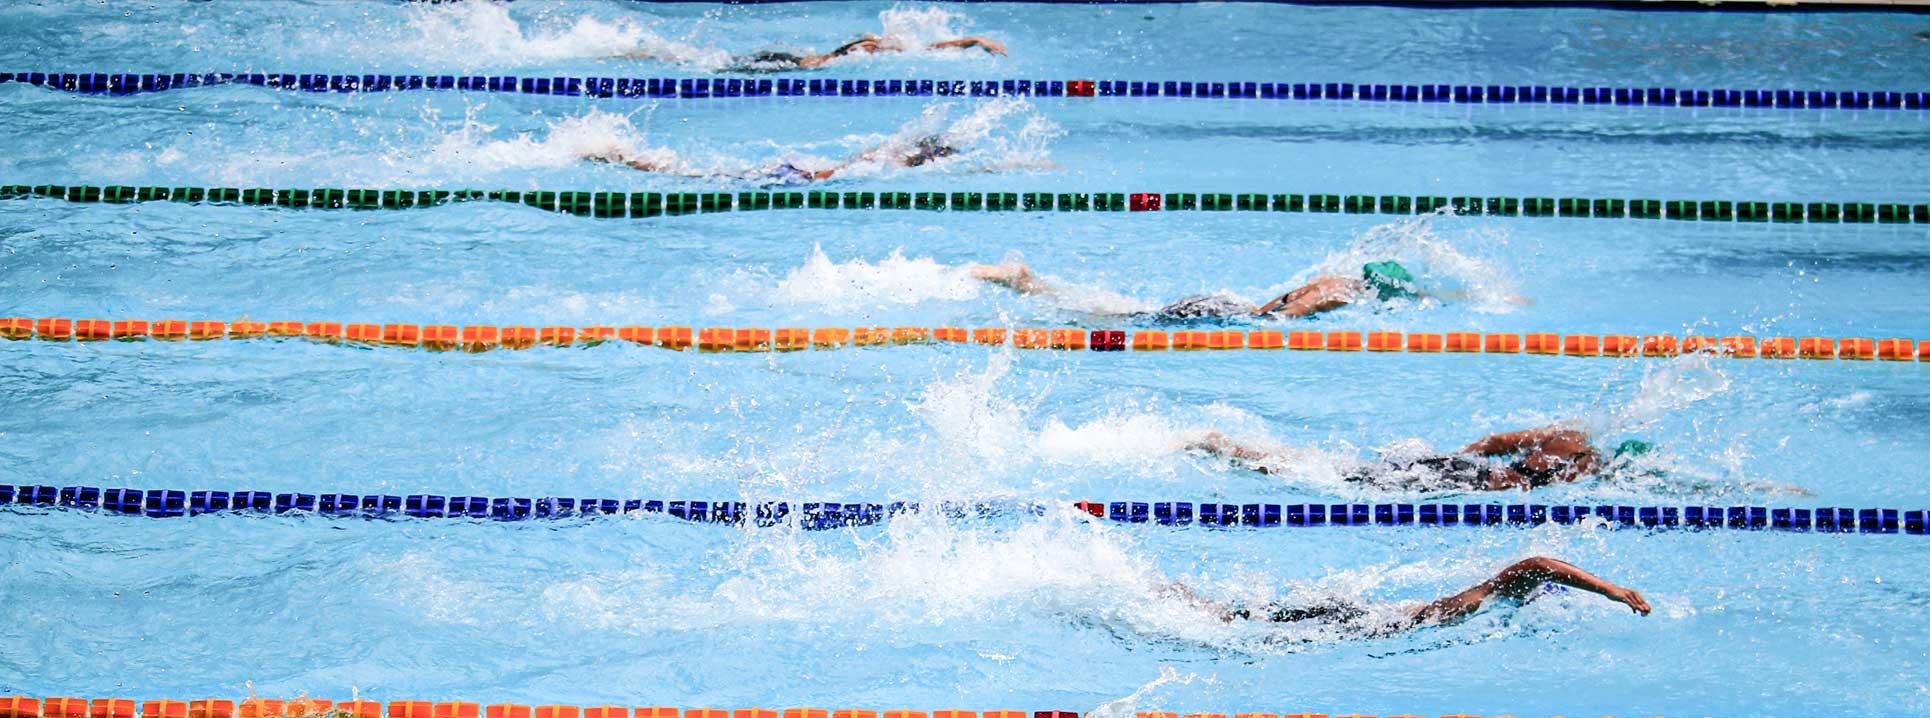 Wettkampf zwischen Schwimmern im Hallenbad